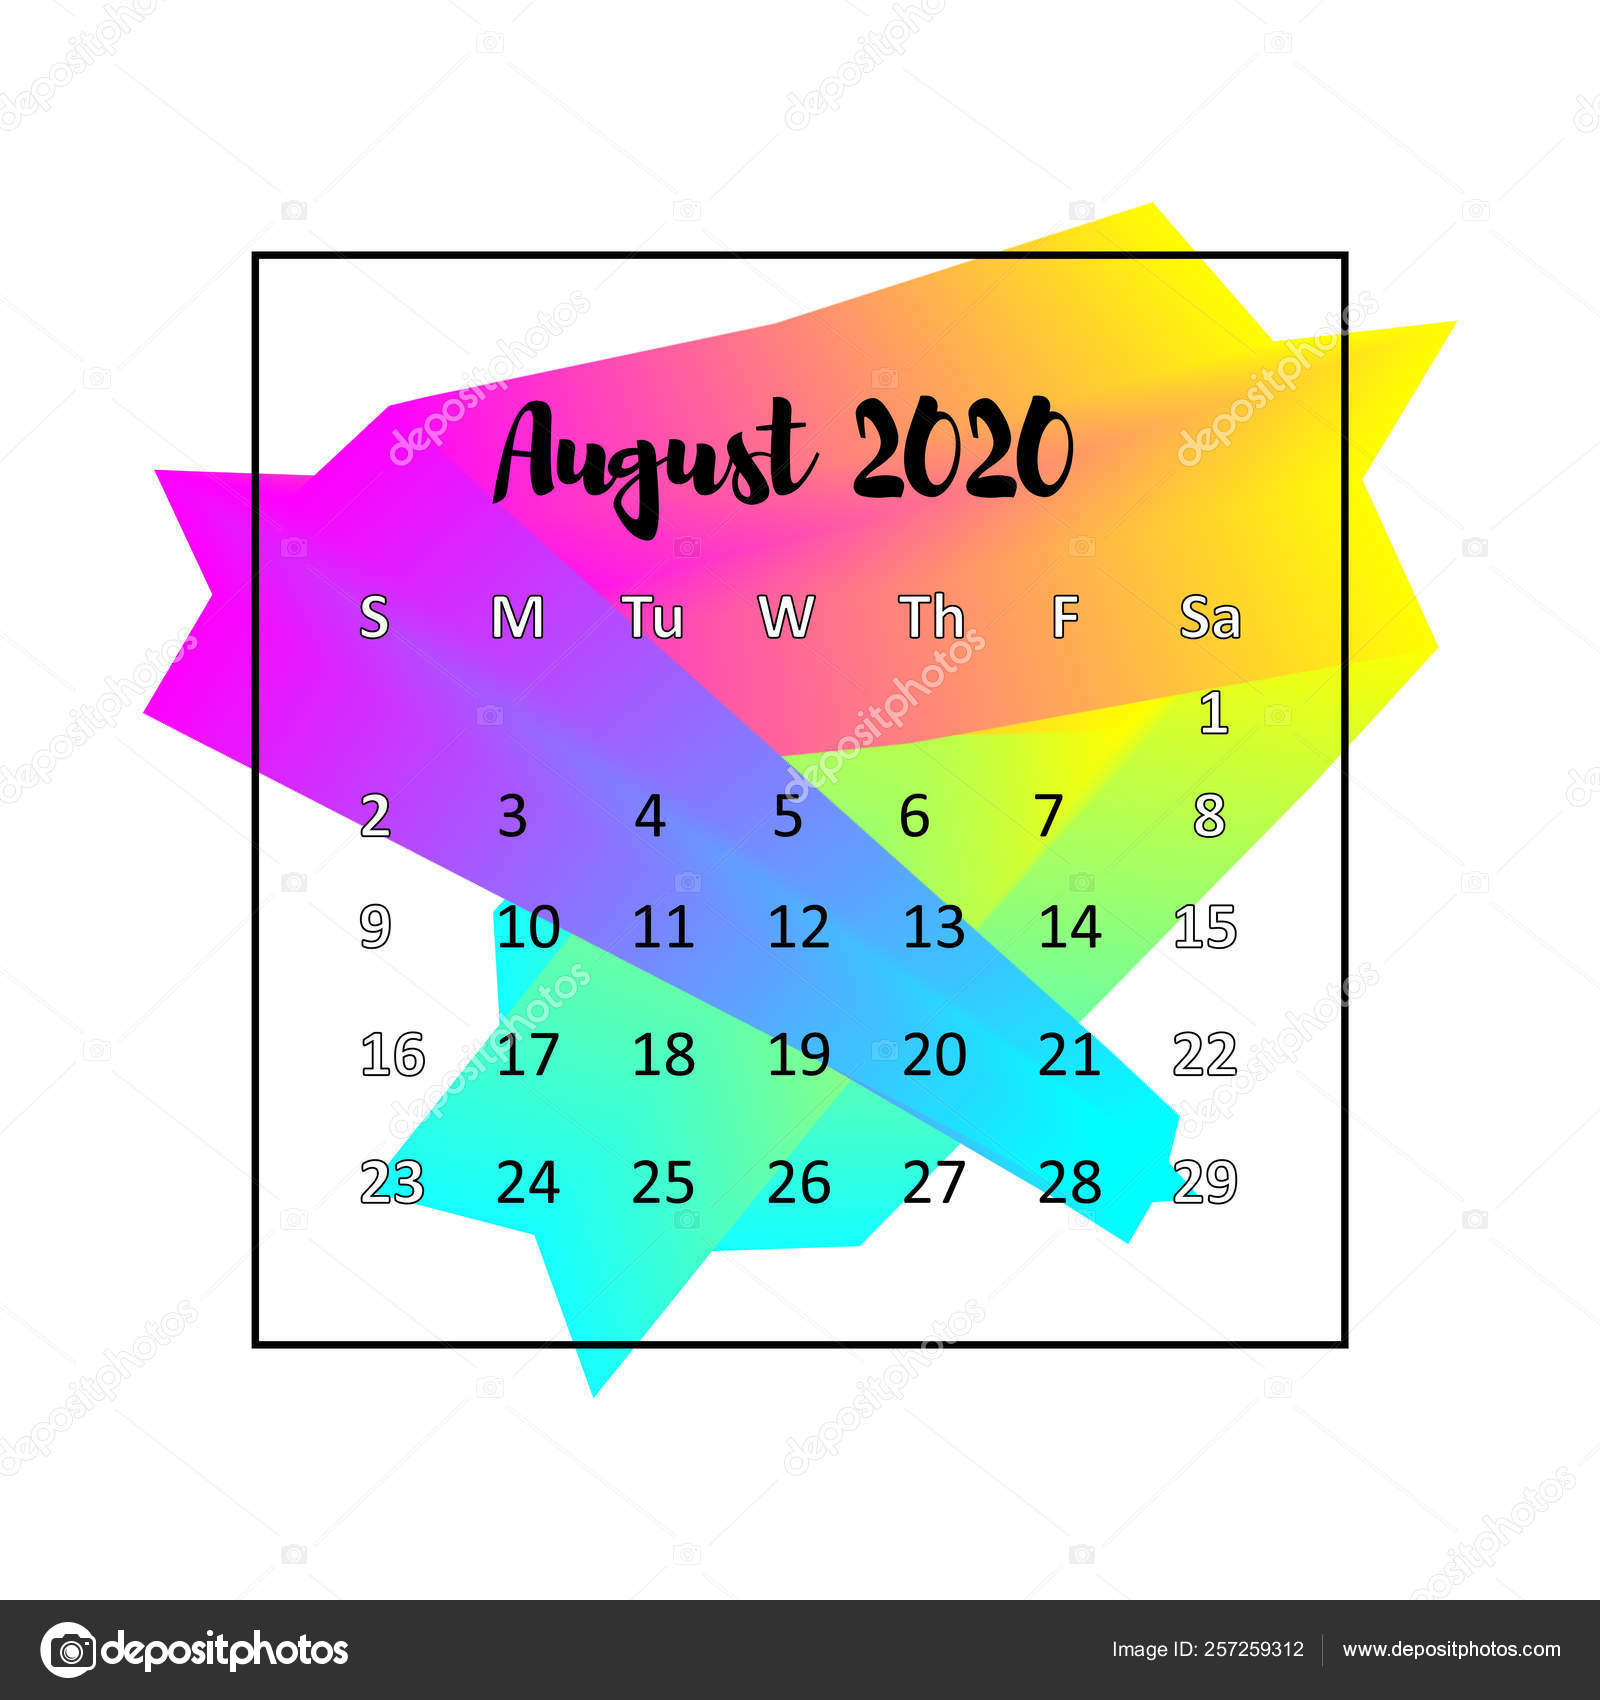 Agosto 2020 Calendario.2020 Calendar Design Abstract Concept August 2020 Business